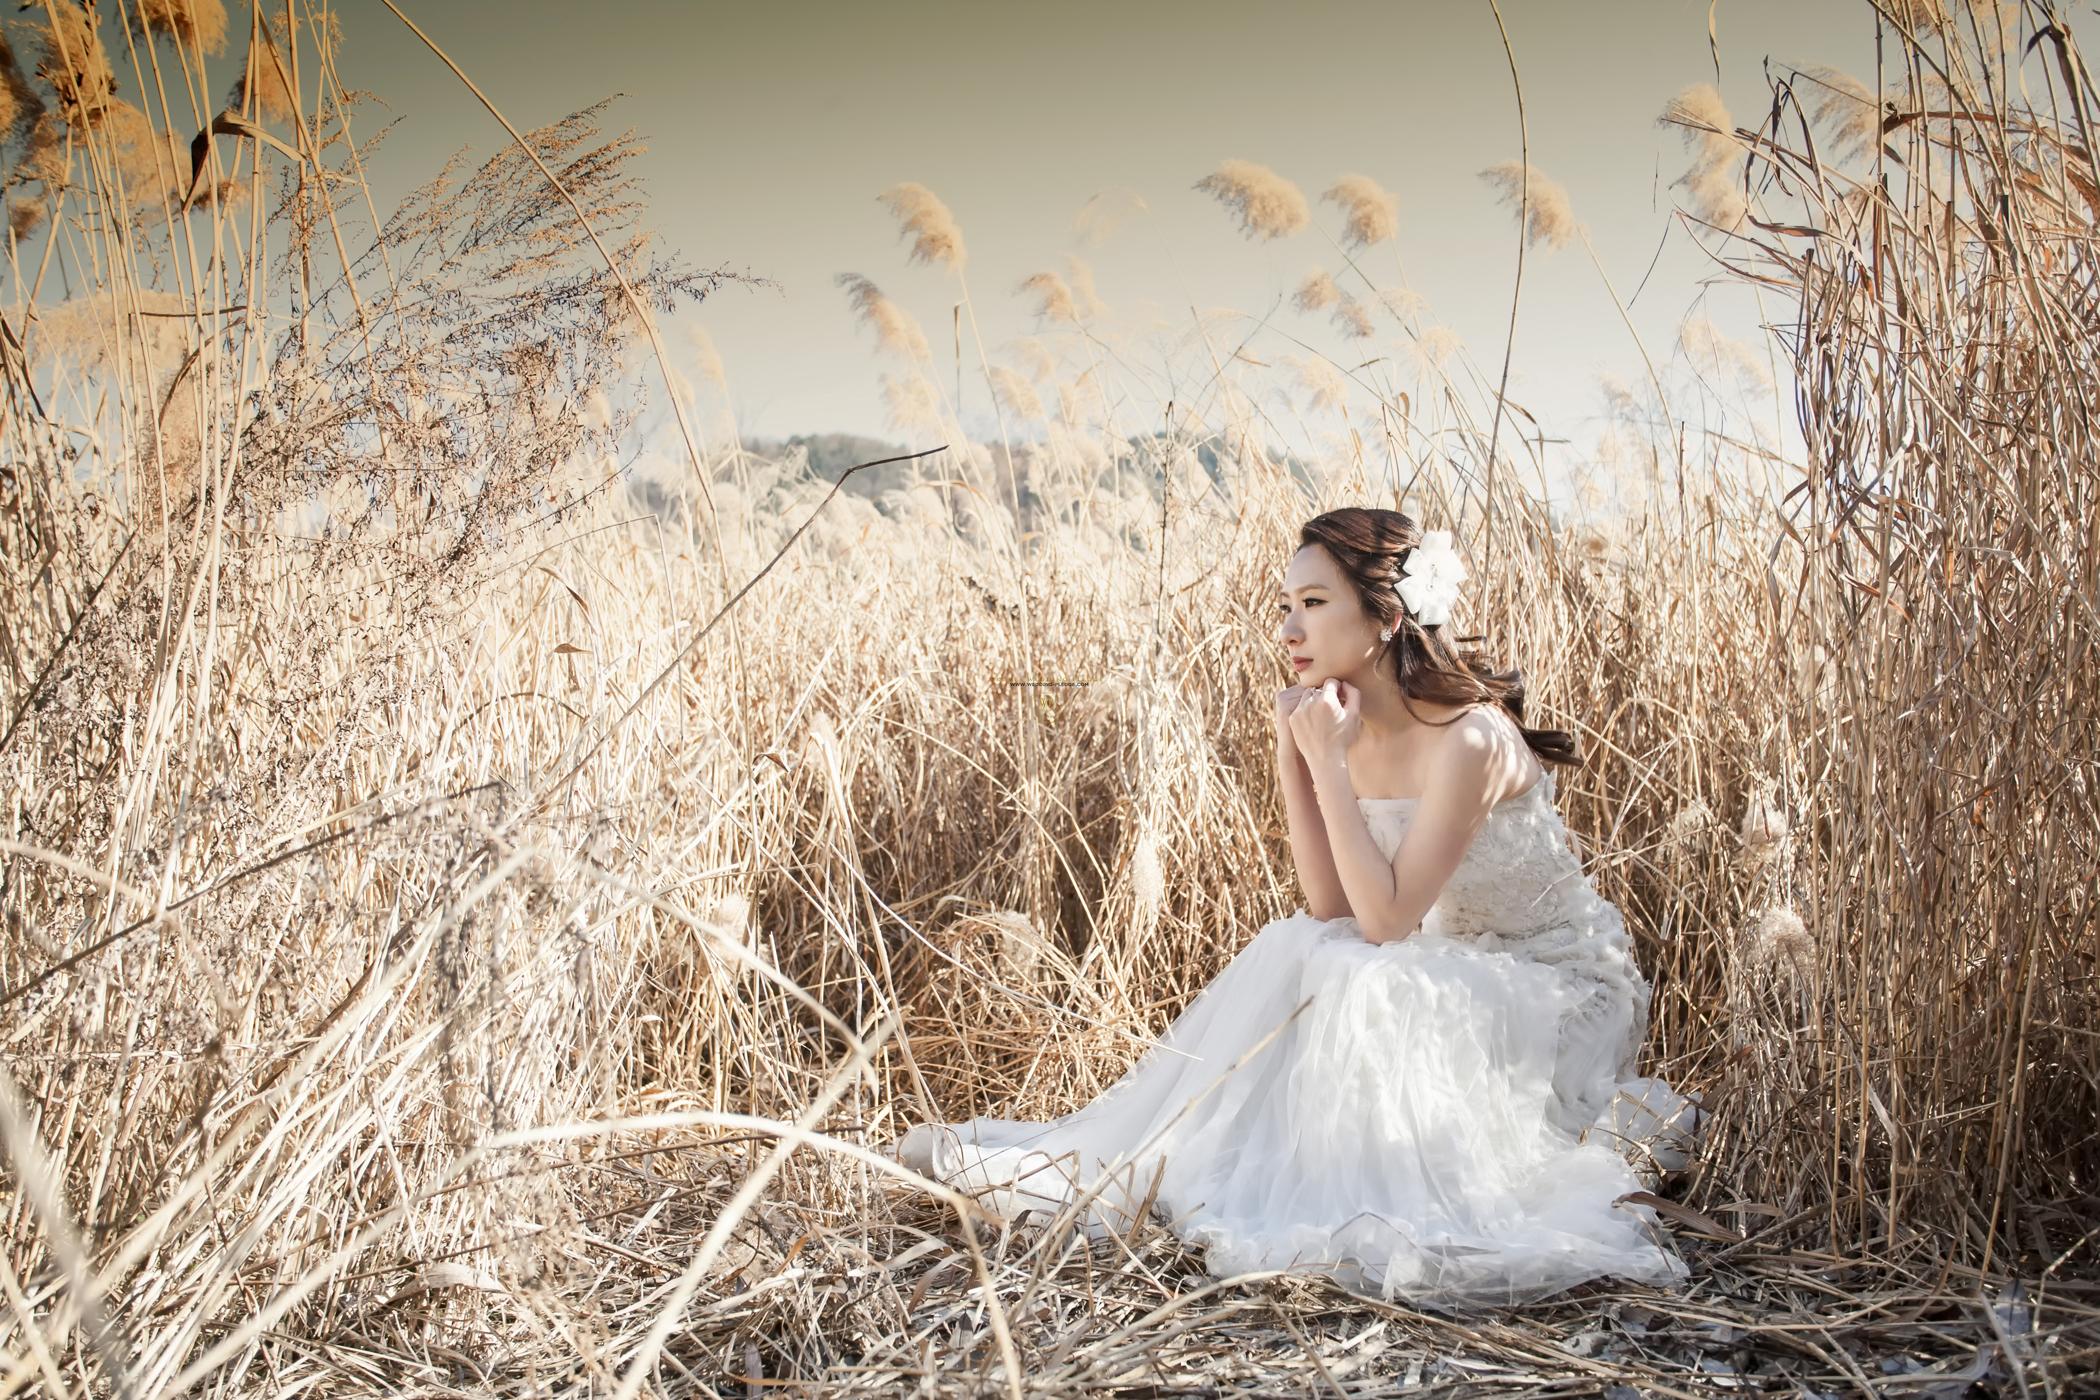 别浪费了秋季的绚烂景色 秋天婚纱照欣赏【20】